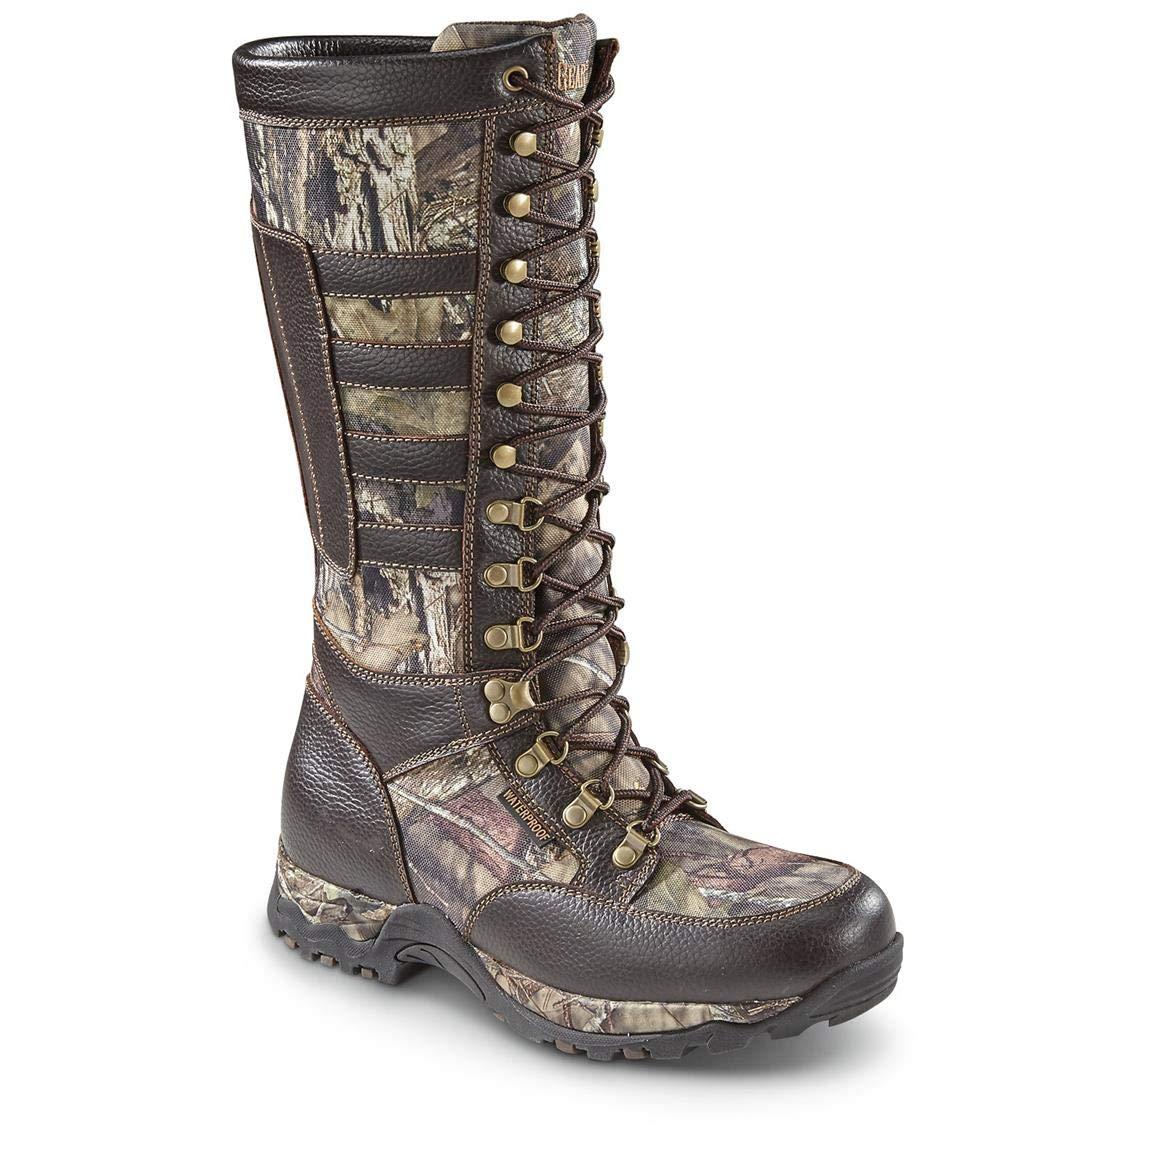 Guide Gear Men's Leather Snake Boots, Waterproof, Side Zip